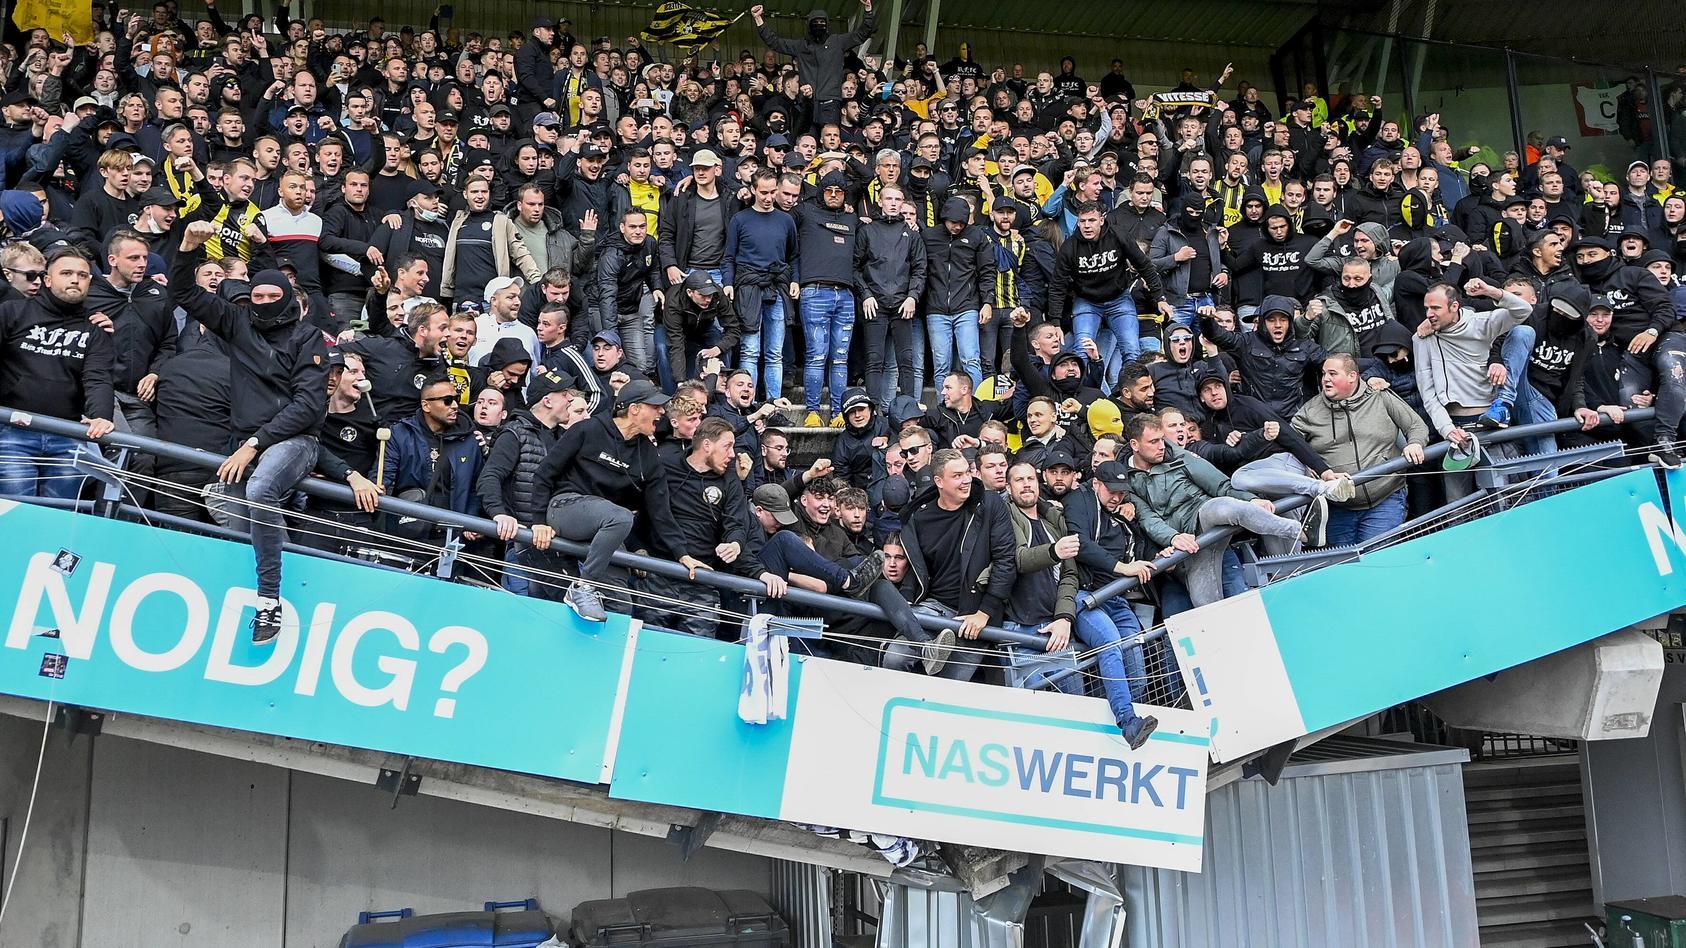 nach-dem-10-sieg-von-vitesse-arnhem-bei-nec-nijmegen-ist-unter-dem-jubel-der-arnheimer-fans-ein-teil-einer-tribune-eingebrochen